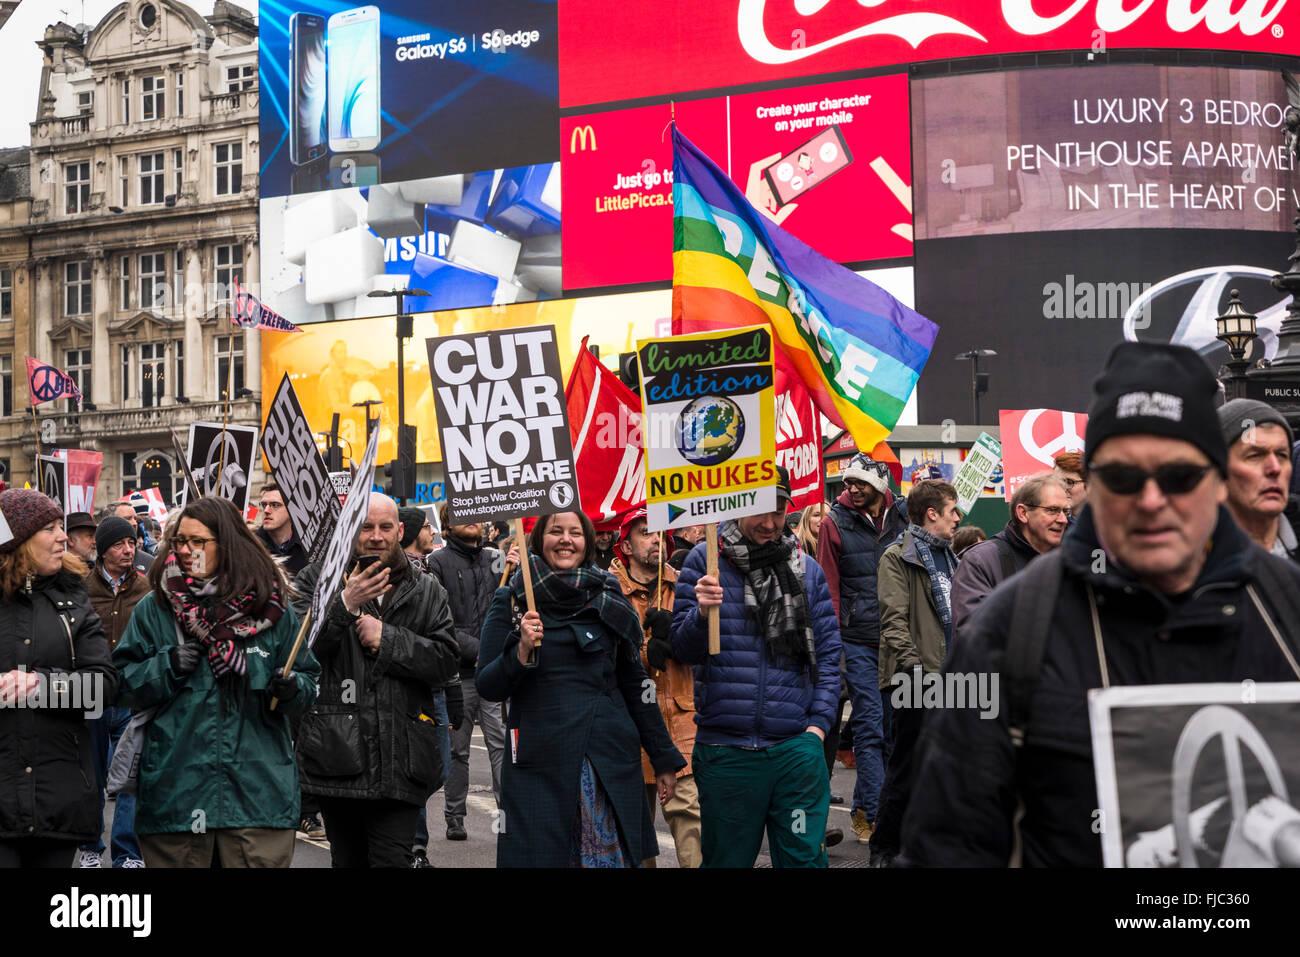 Arrestare Trident dimostrazione organizzata dalla Campagna per il disarmo nucleare, Londra, Inghilterra, Regno Unito. Immagini Stock